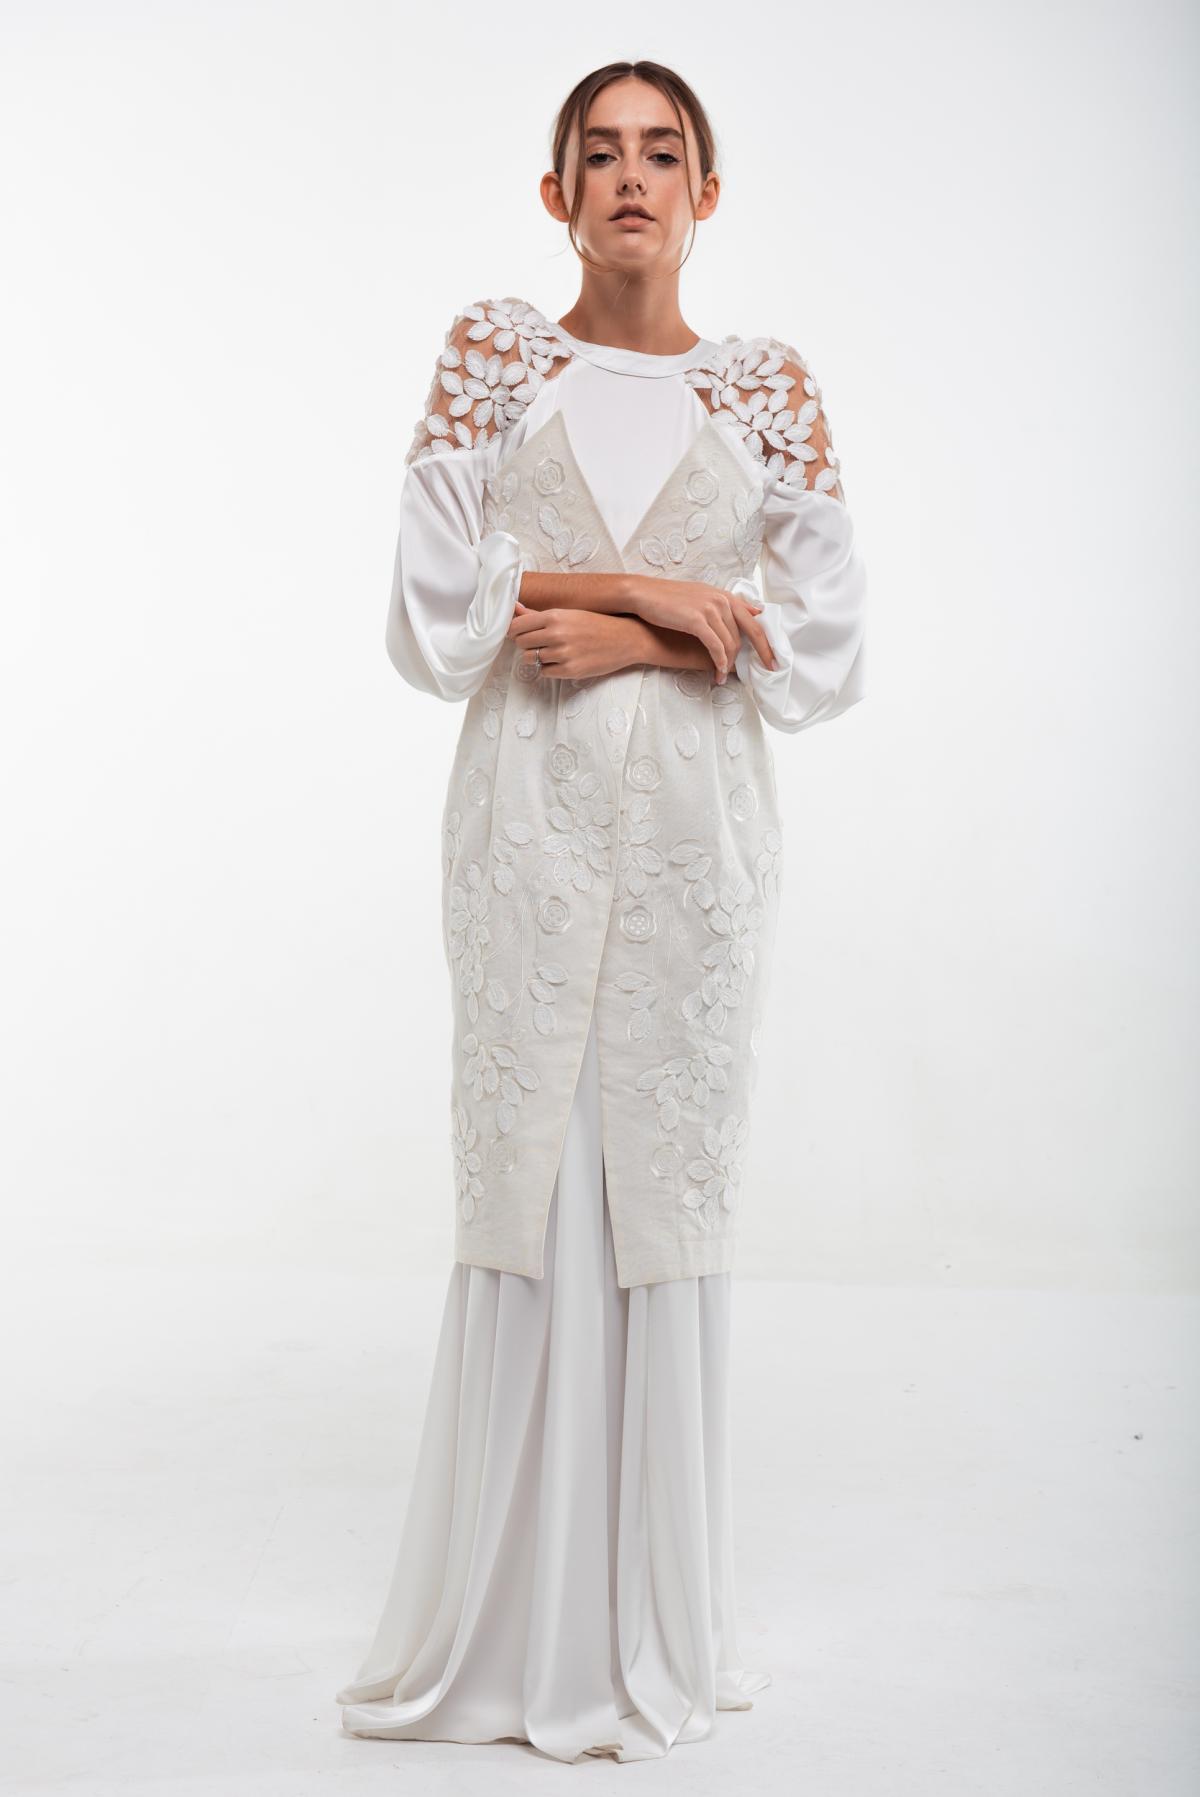 Вышитое белое платье Невеста. Фото №5. | Народный дом Украина